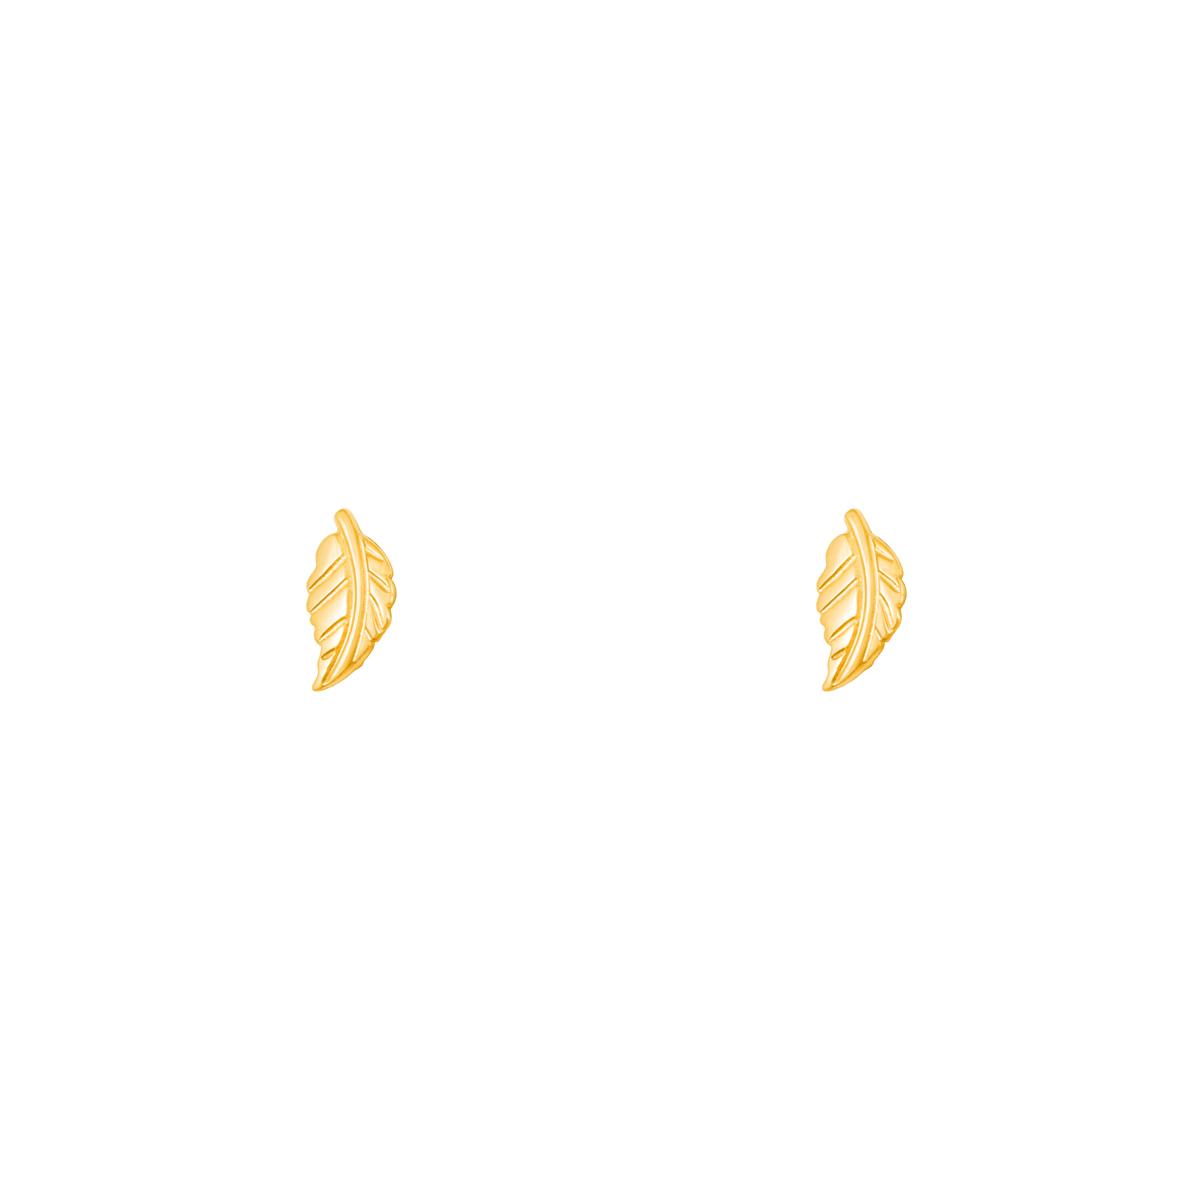 گوشواره طلا برگ |parasteh